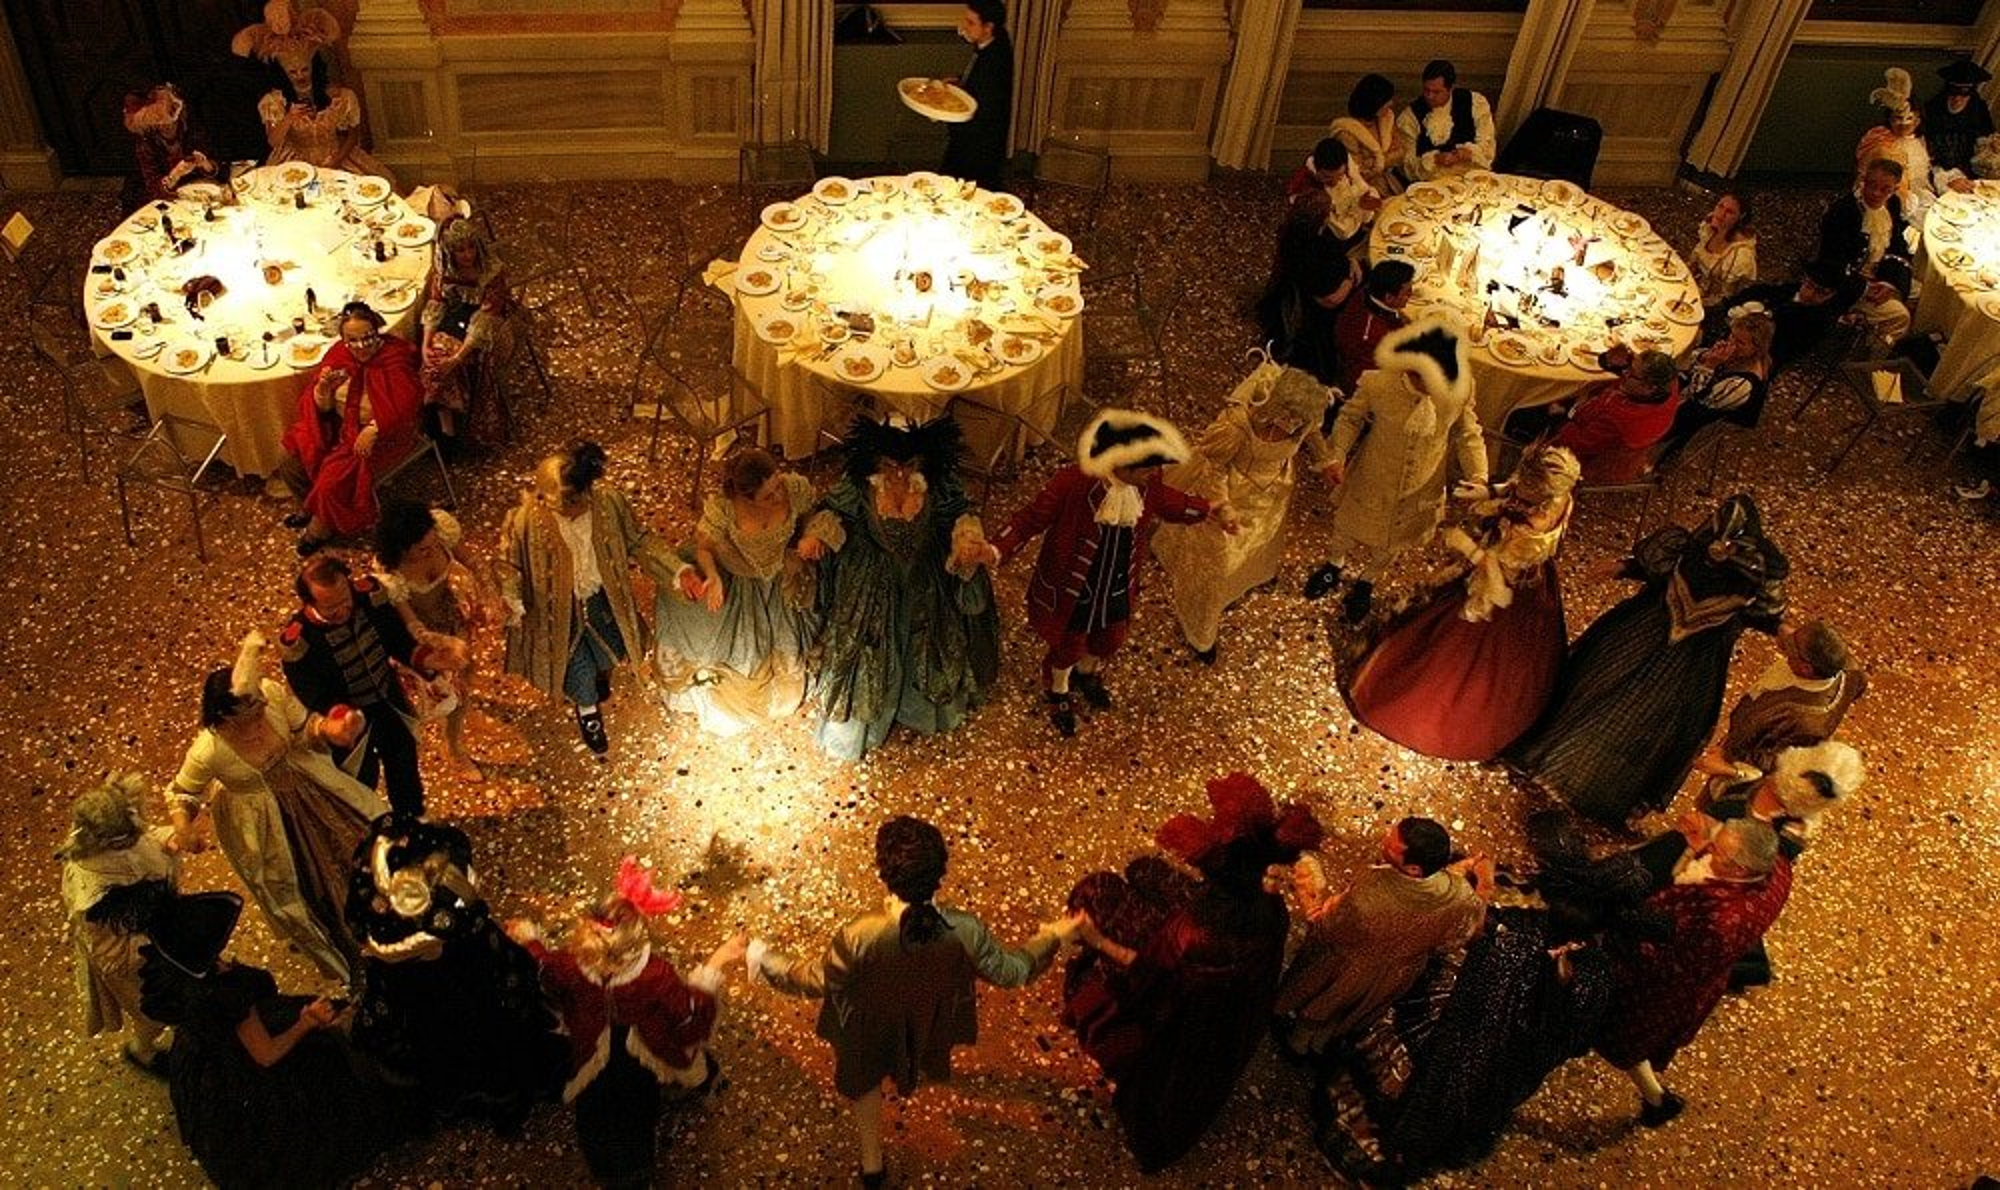 Un dîner costumé à l'hôtel Danieli pour le Carnaval de Venise